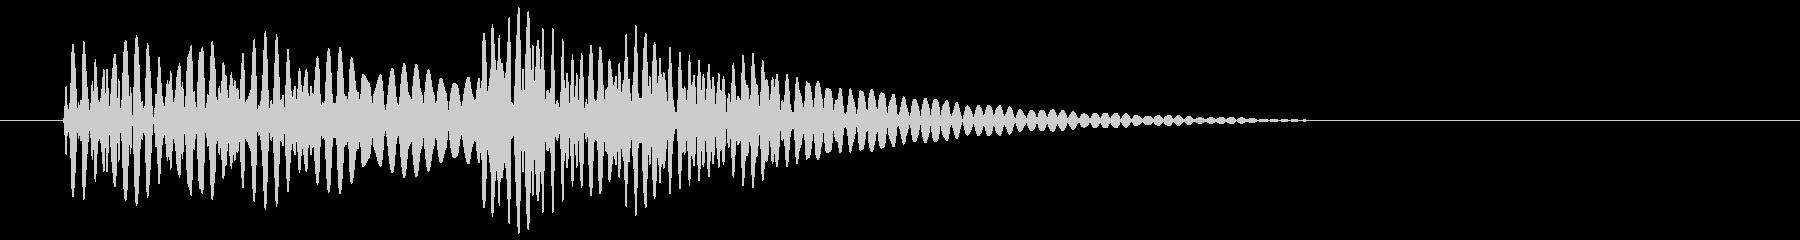 ポコン 低 (ボタン、スタート音)の未再生の波形